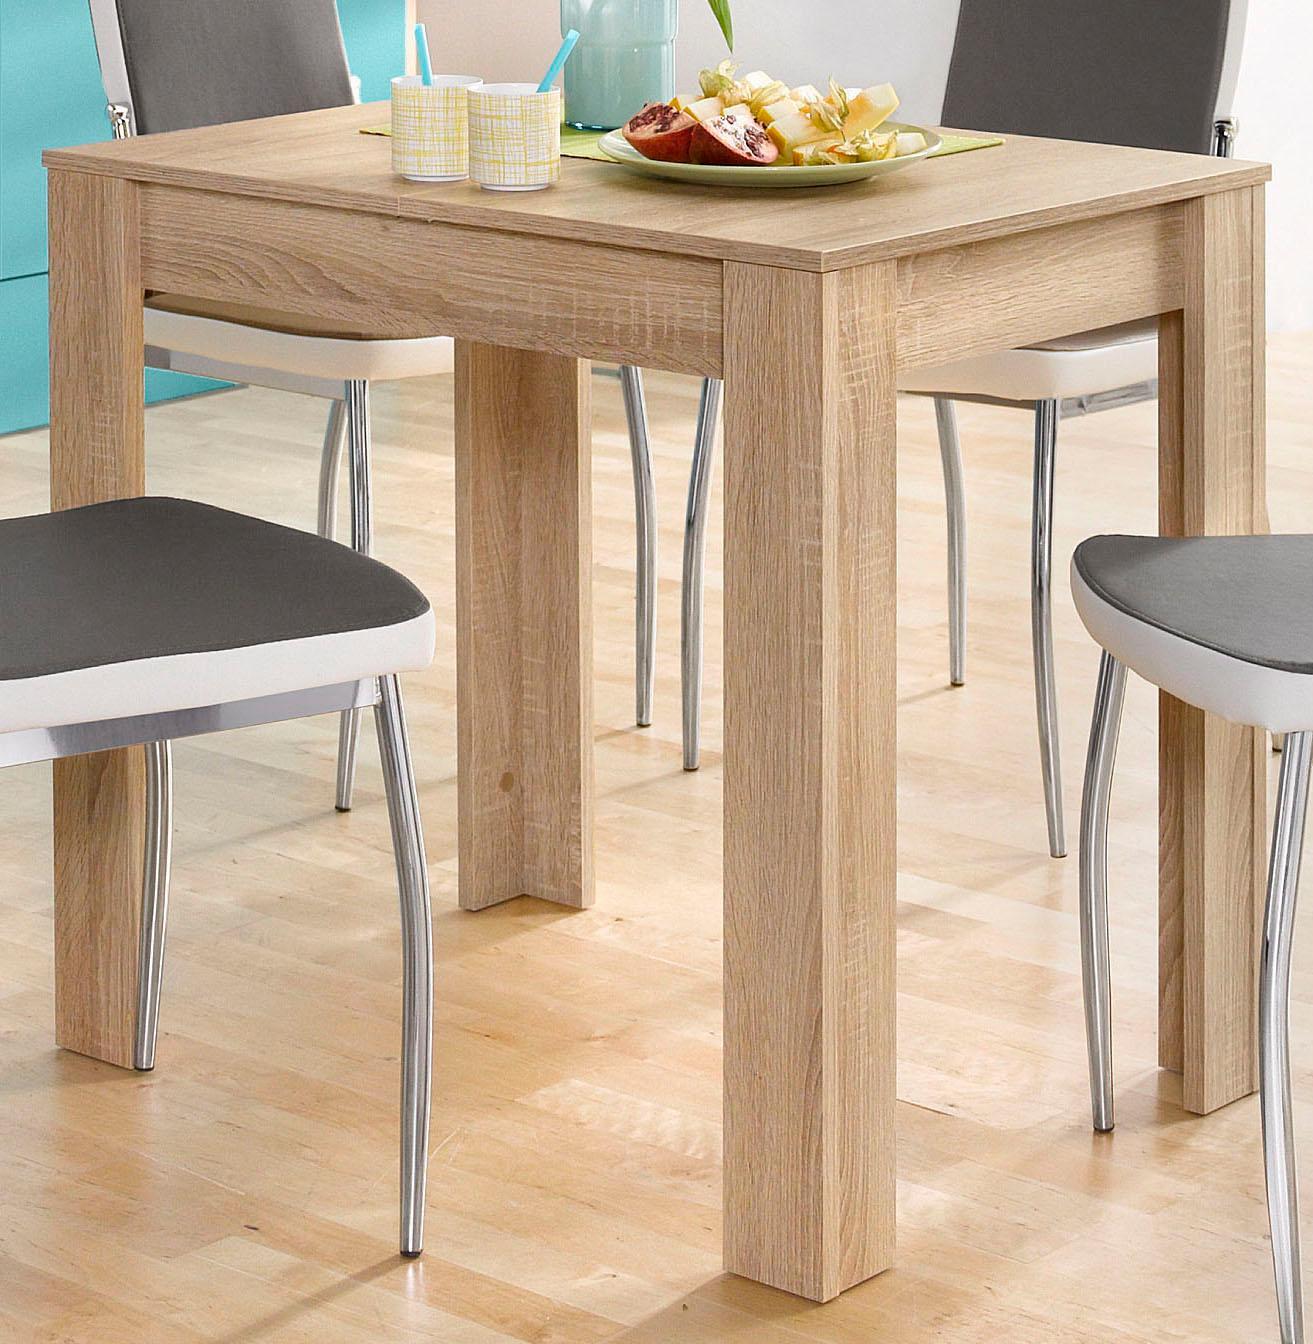 Mäusbacher Esstisch, Breite 80/110/120 cm mit Auszug braun Esstisch Esstische rechteckig Tische